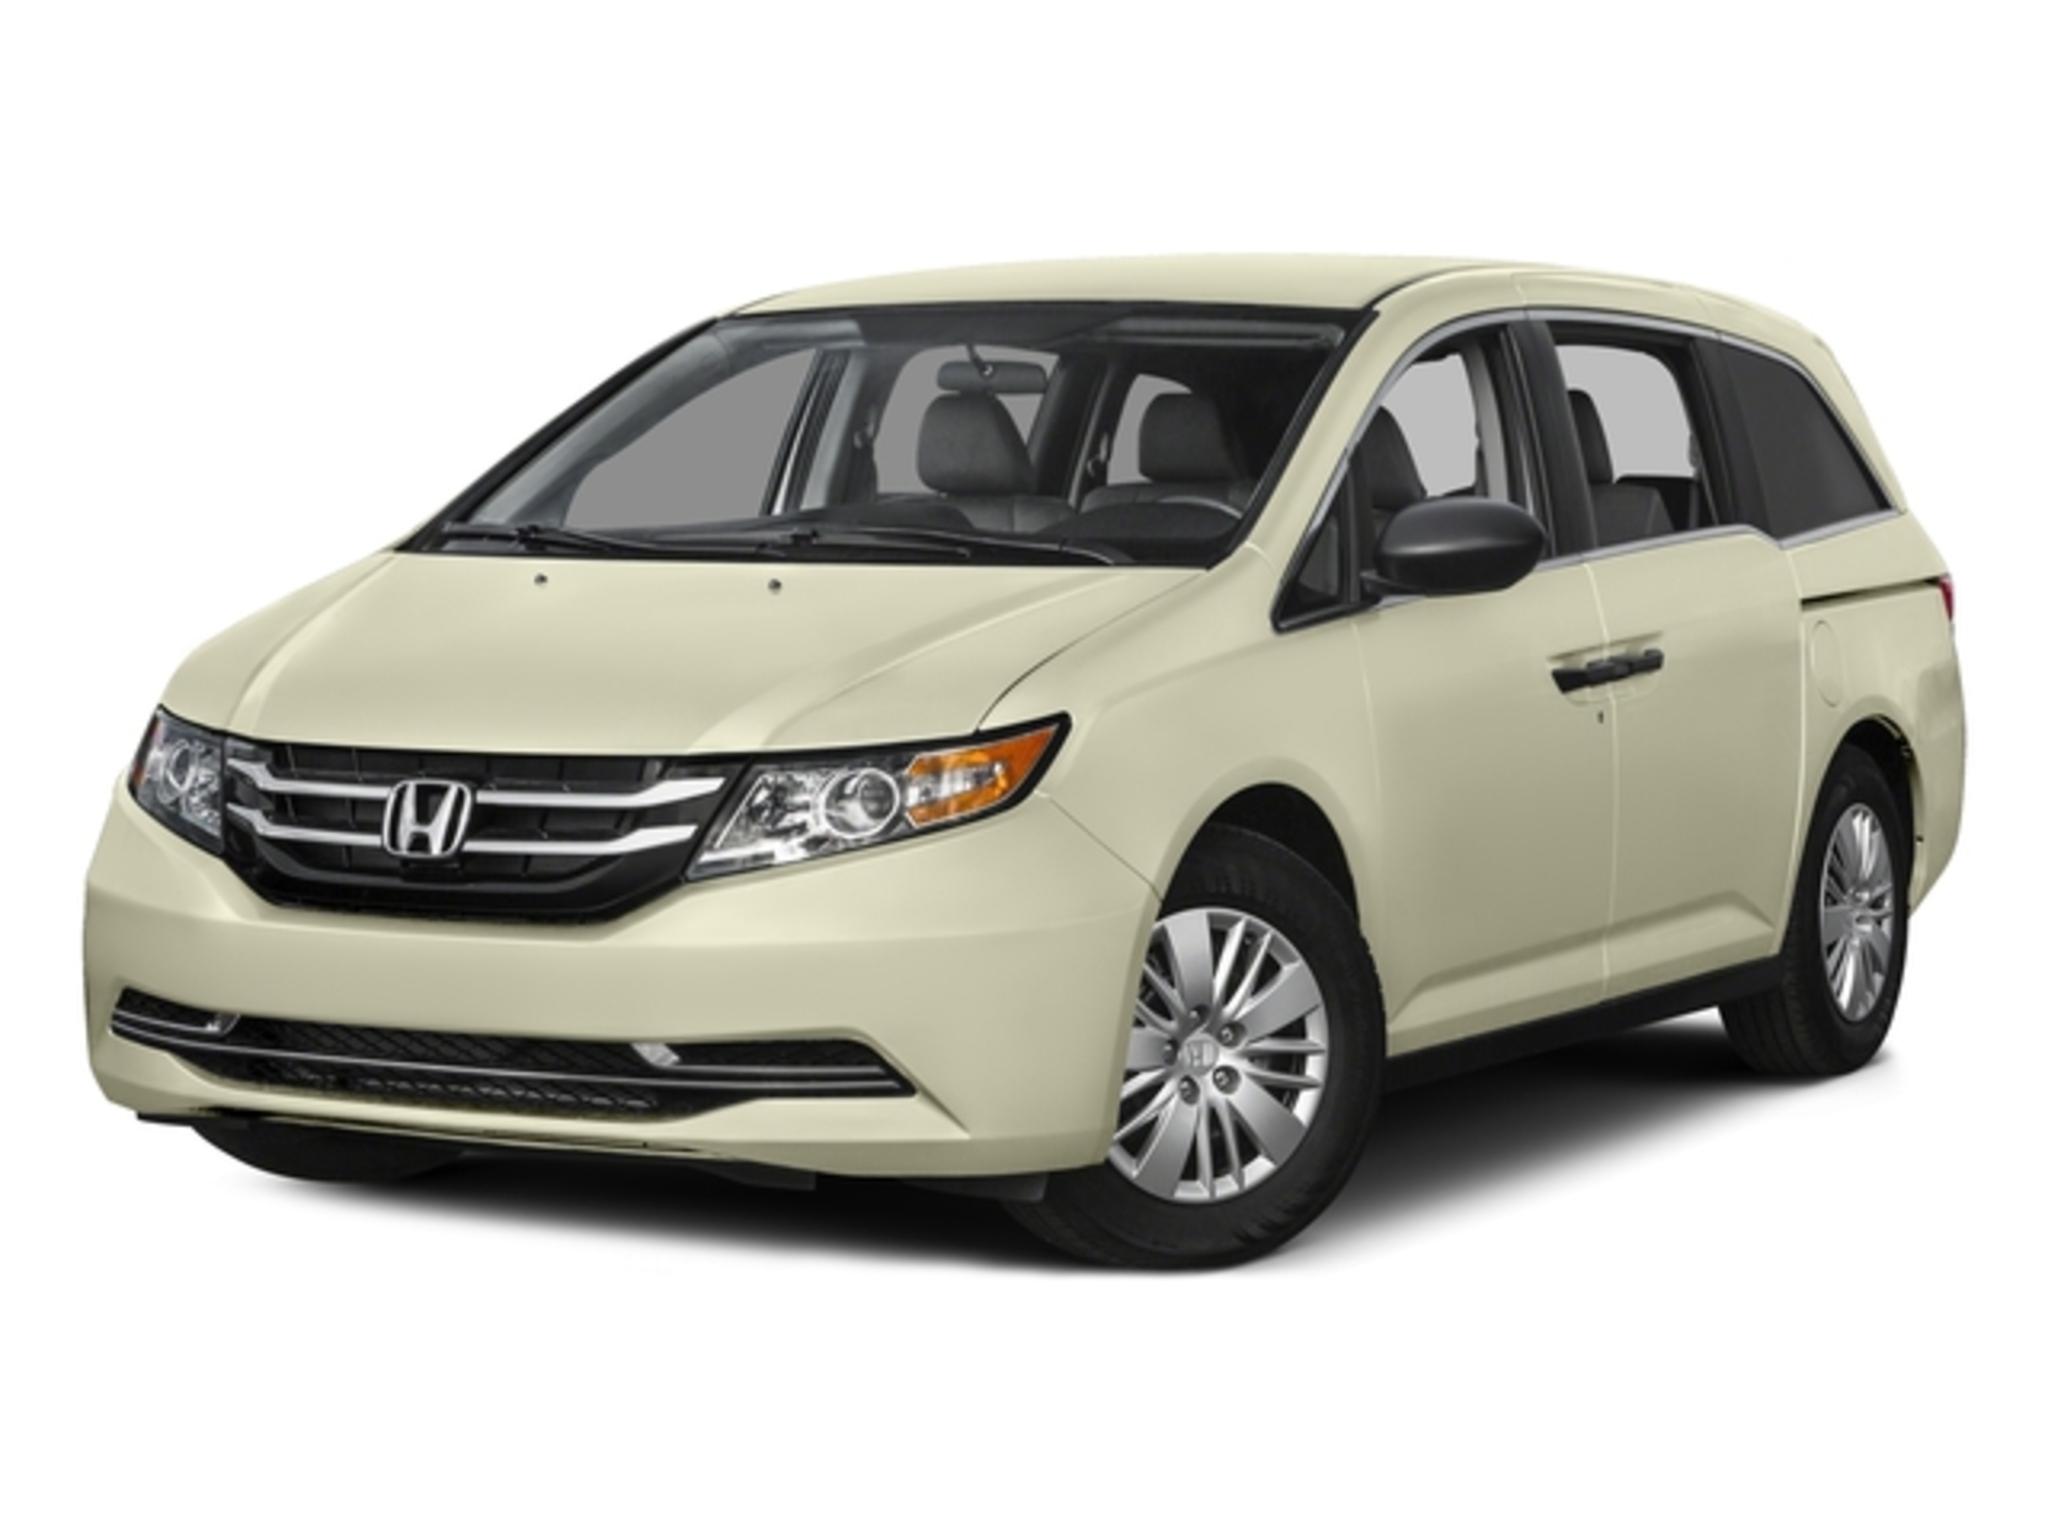 2015 Honda Odyssey - Prices, Trims, Options, Specs, Photos, Reviews, Deals | autoTRADER.ca